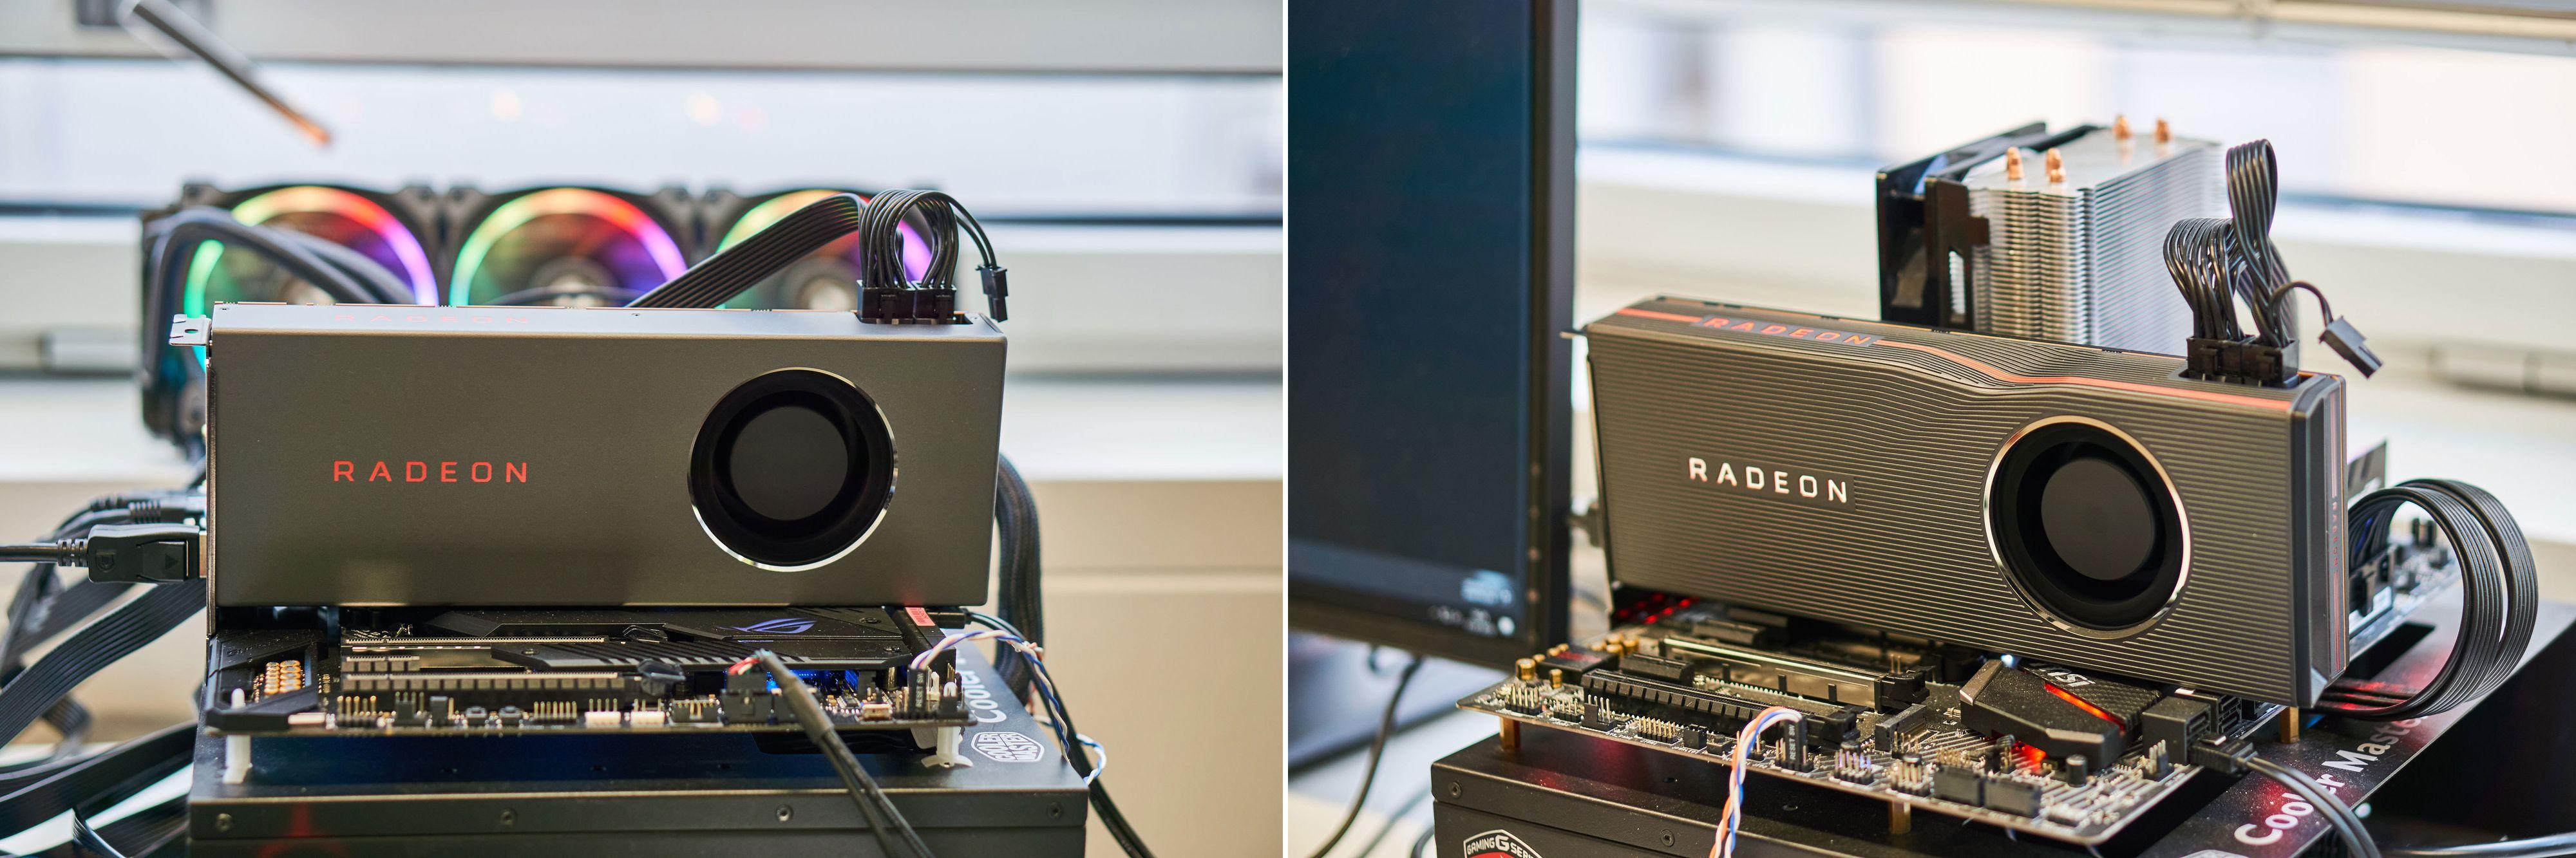 RX 5700 til venstre, RX 5700 XT til høyre.